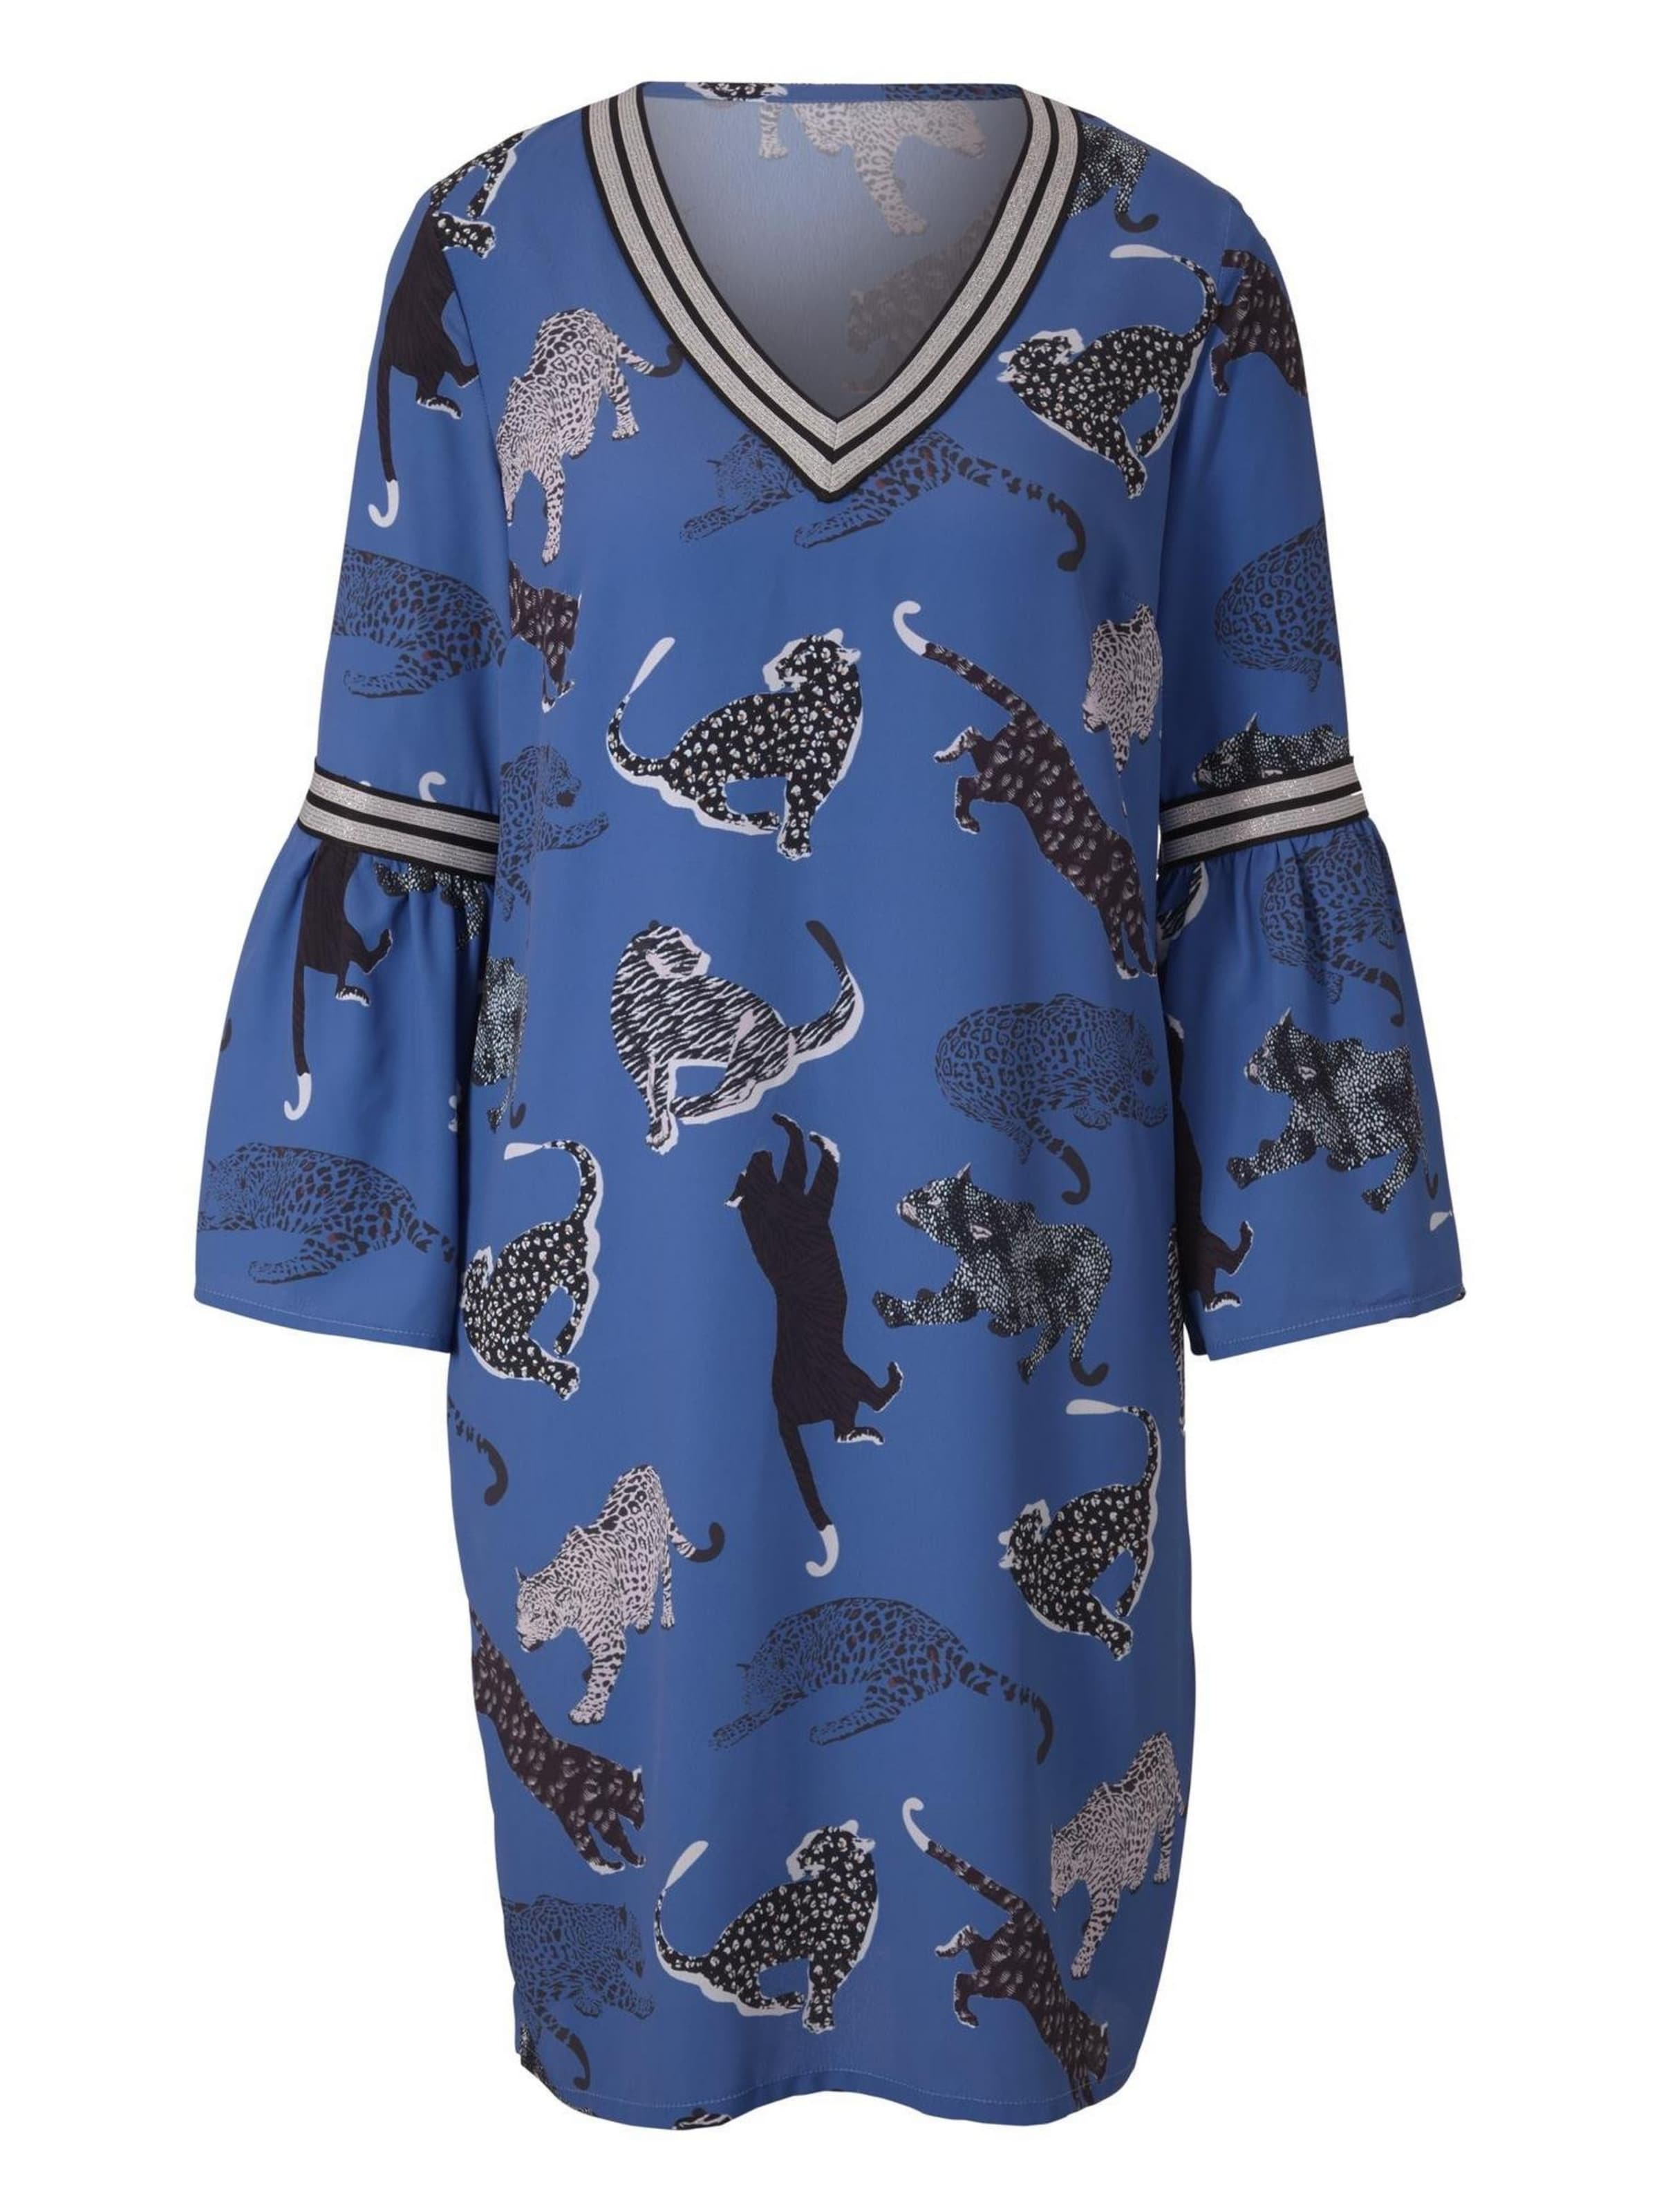 Kleid Heine Kleid Weiß BlauSchwarz In In Heine TFcKJ1l